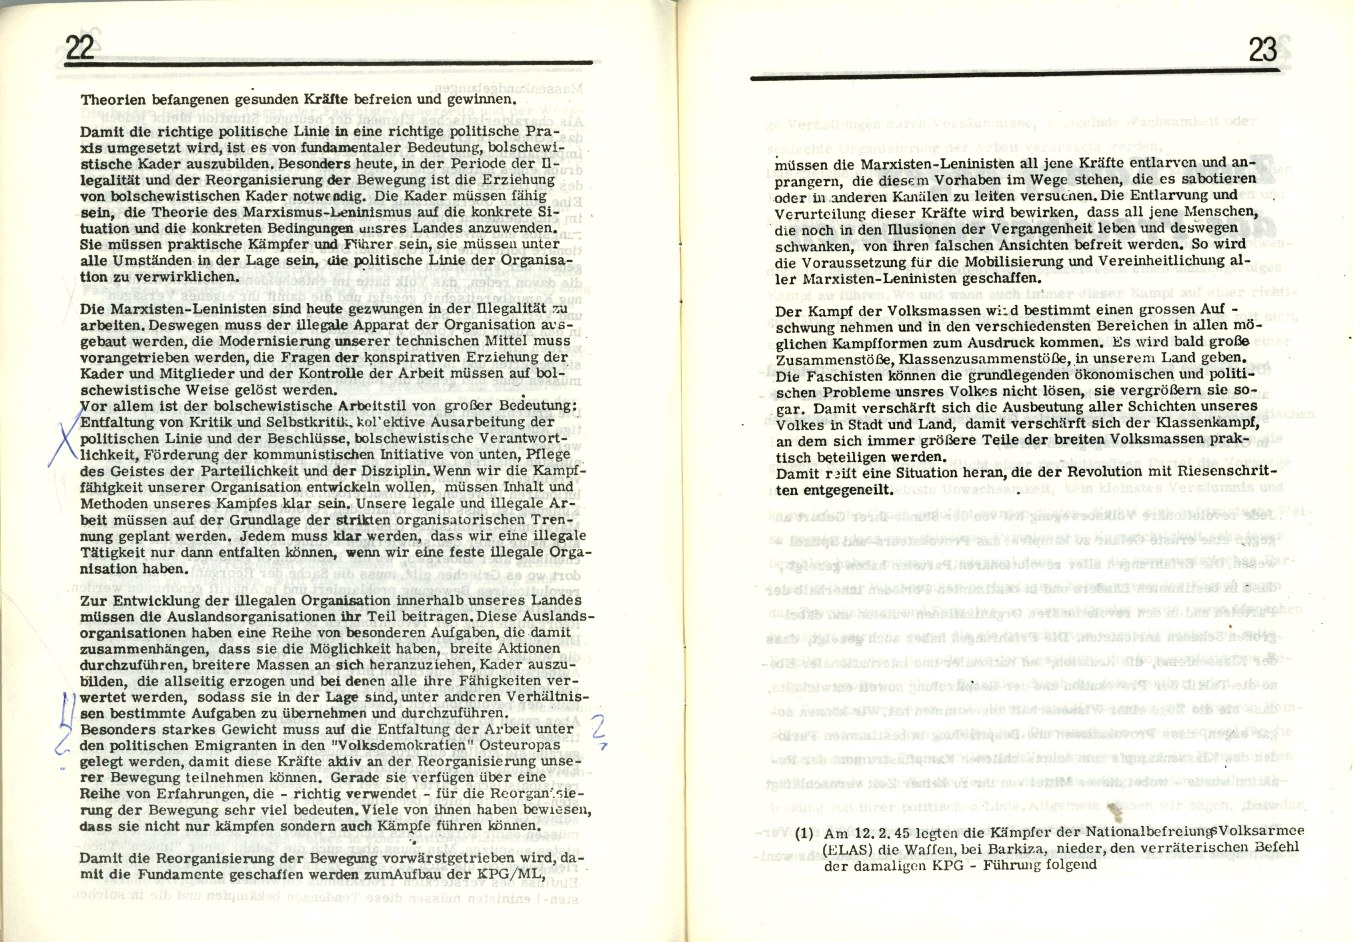 Griechenland_Griechische_ML_1971_Dokumente_01_12